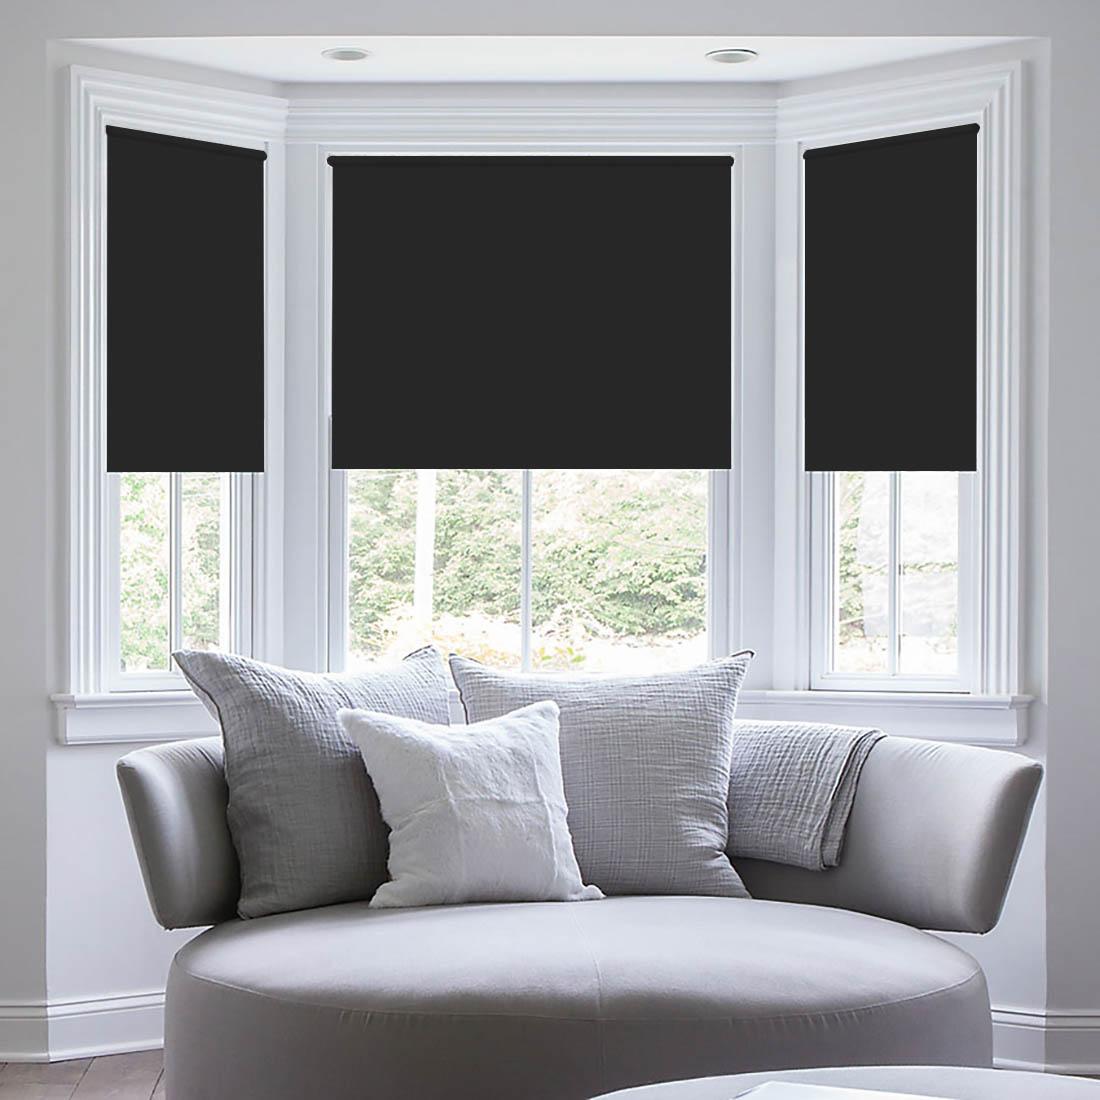 Штора рулонная Sleep iX Eclipce, цвет: черный, серебристый, высота 172 см, ширина 68 смpva314134Blackout - трехслойная светонепроницаемая ткань, из полиэфирного волокнас двойным сатиновым переплетением. Ткань Blackout по своим внешнимпризнакам фактически не отличается от обычной драпировочной ткани, нообладает уникальным свойством: она практически не пропускает свет.Благодаря этому можно добиться полного затемнения, так частонеобходимого для спального помещения. Так как сама ткань довольноплотная, она отлично сохраняет тепло в помещении! Blackout выступаетбарьером создавая в зоне окна тепловой занавес, что защитит квартиру отсквозняка и холода. Летом такое положение штор из блэкаута, наоборот,сохранит прохладу внутри помещения, не дав солнечному свету нагреватьпомещение. Помимо перечисленных свойств, ткань Blackout обладаетвысокой плотностью, что обеспечивает высокое качество исходного сырья ихорошую износостойкость изделий. Ткань подвергается дополнительнойобработке специальным защитным химическим составом, что позволяетшторам не выгорать при солнечном свете, и сохранит от воздействиясолнечного света другие предметы интерьера. Уникальные свойства ткани нетеряются с течением времени и в процессе ее эксплуатации. Разрешается ручная стирка и деликатная стирка в стиральной машине.